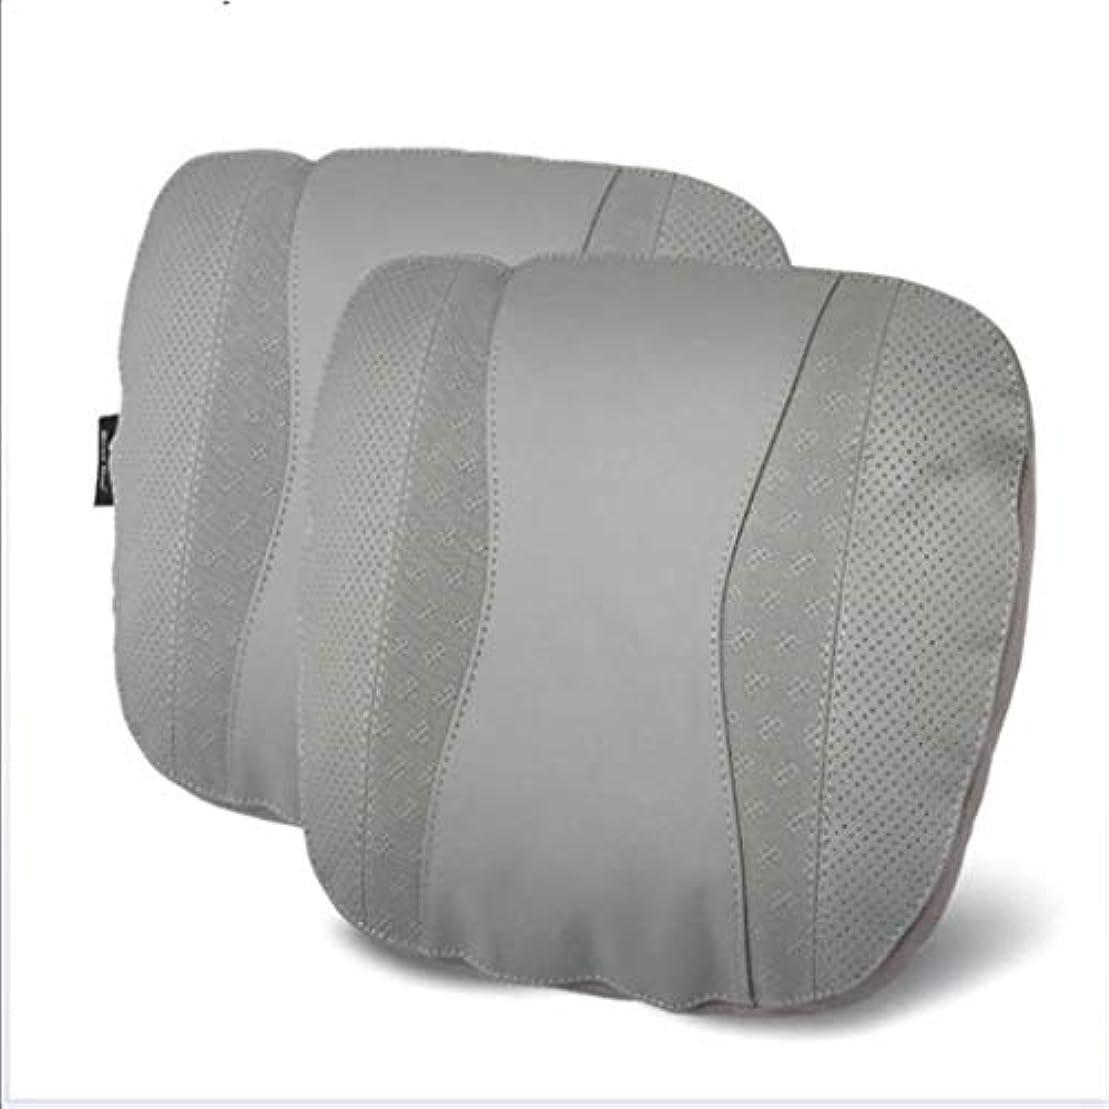 マイクロプロセッサ大統領ヒゲクジラネックピロー、カーシートネックピロー、トラベルピローネックパッド、カーネックピローサポートピローとして使用、航空機のネックピロー、首の疲れを和らげる (Color : Gray)